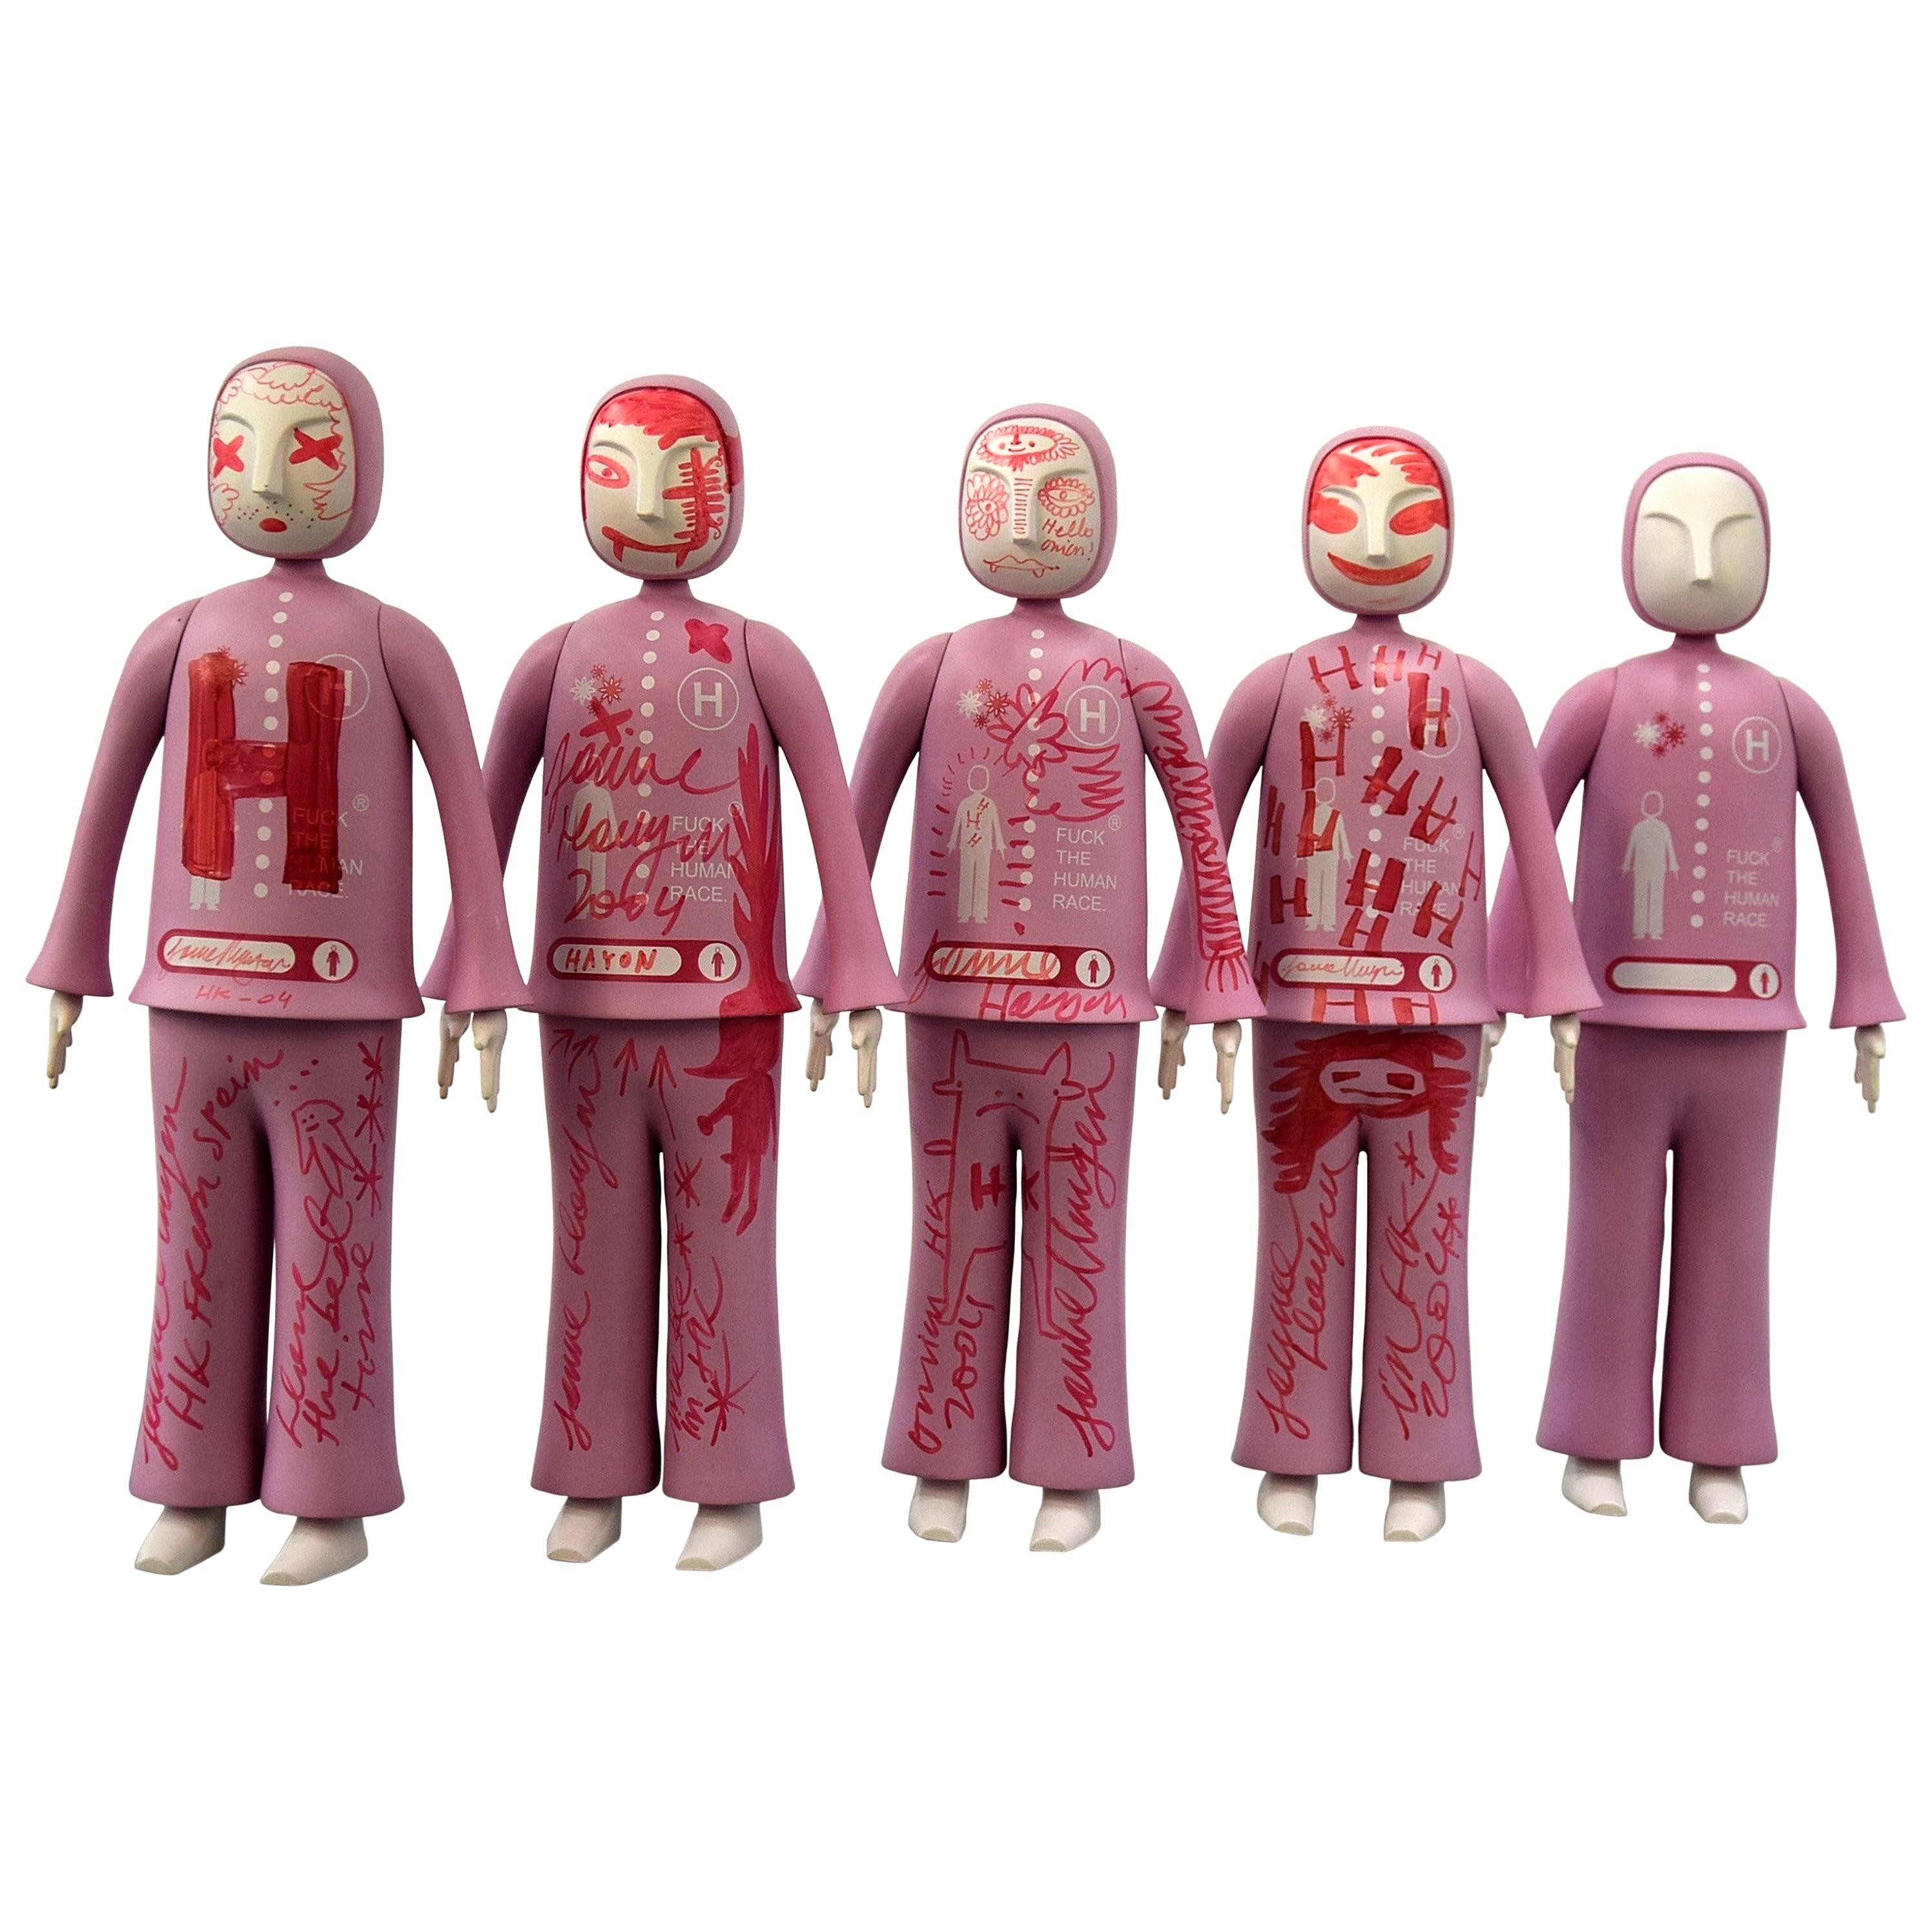 Jaime Hayon Art Sculptures